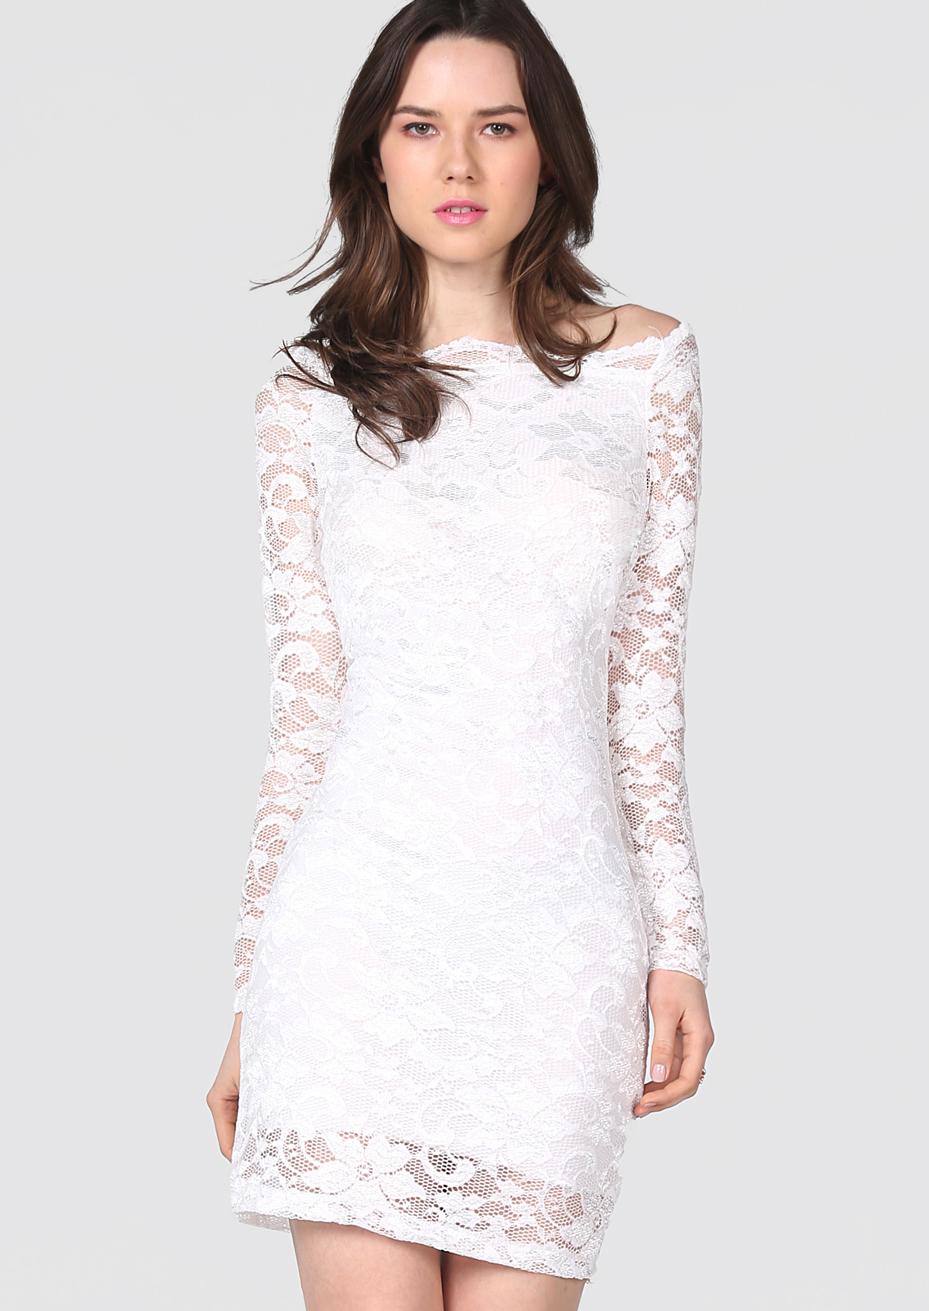 202ddf49b1c Je veux voir les différentes robes en dentelle de bonne qualité et pas cher  ICI Robe dentelle classe